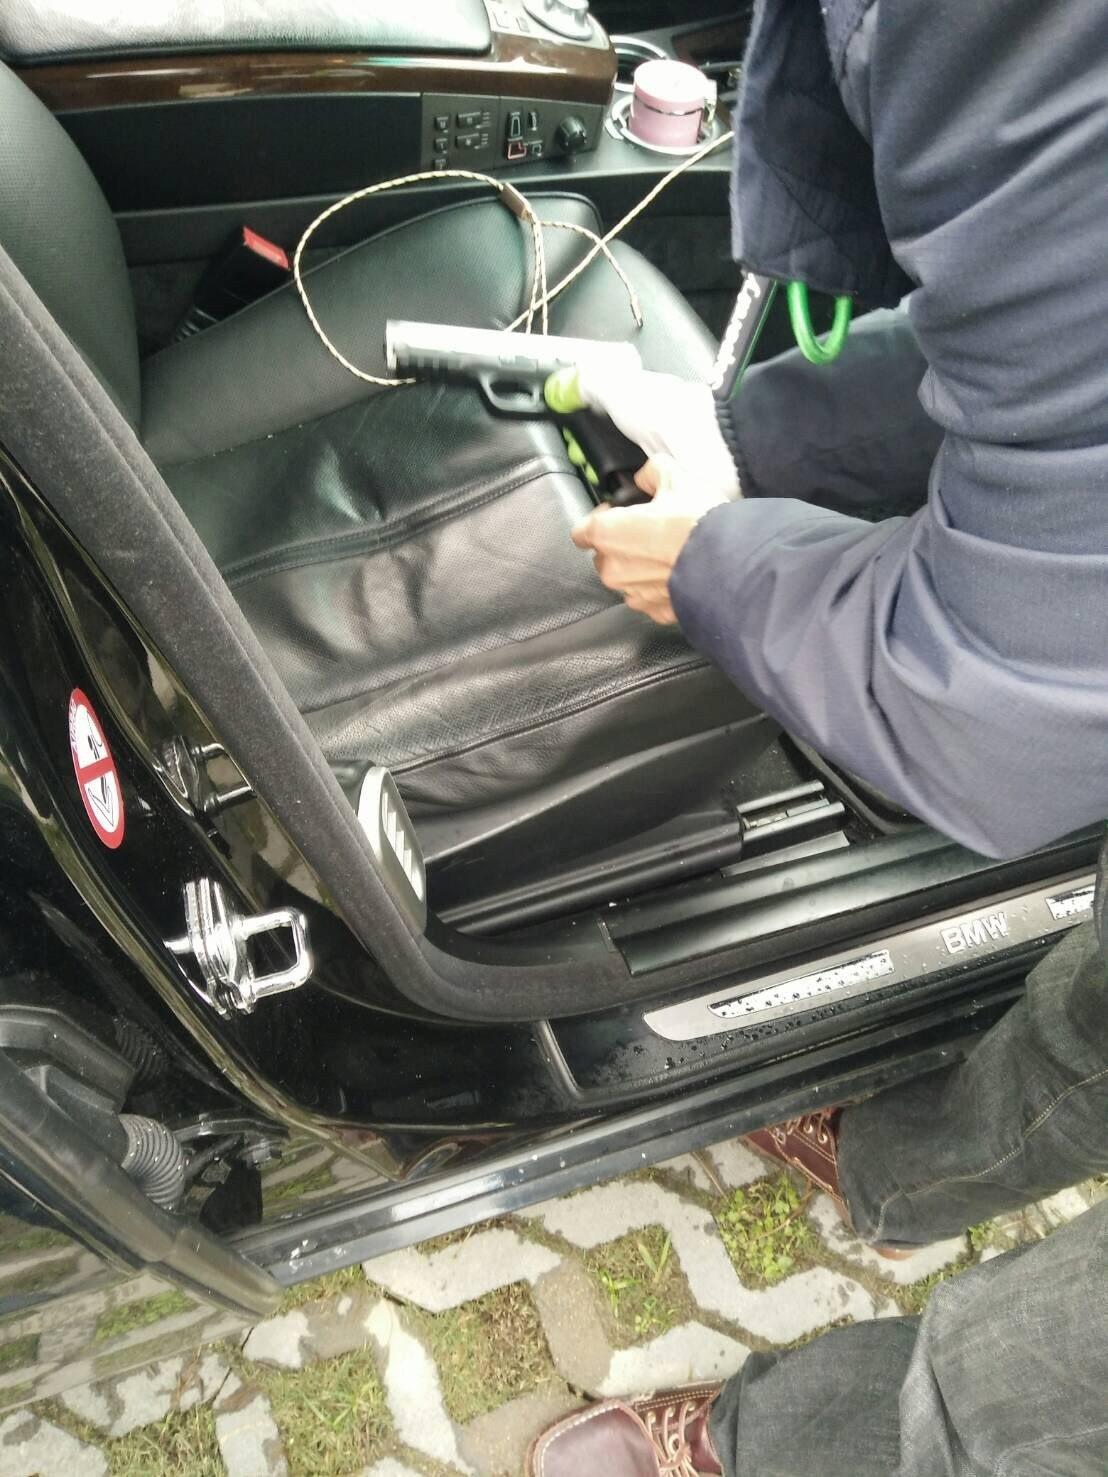 警方在陳男車上查獲1把玩具假槍。圖/警方提供